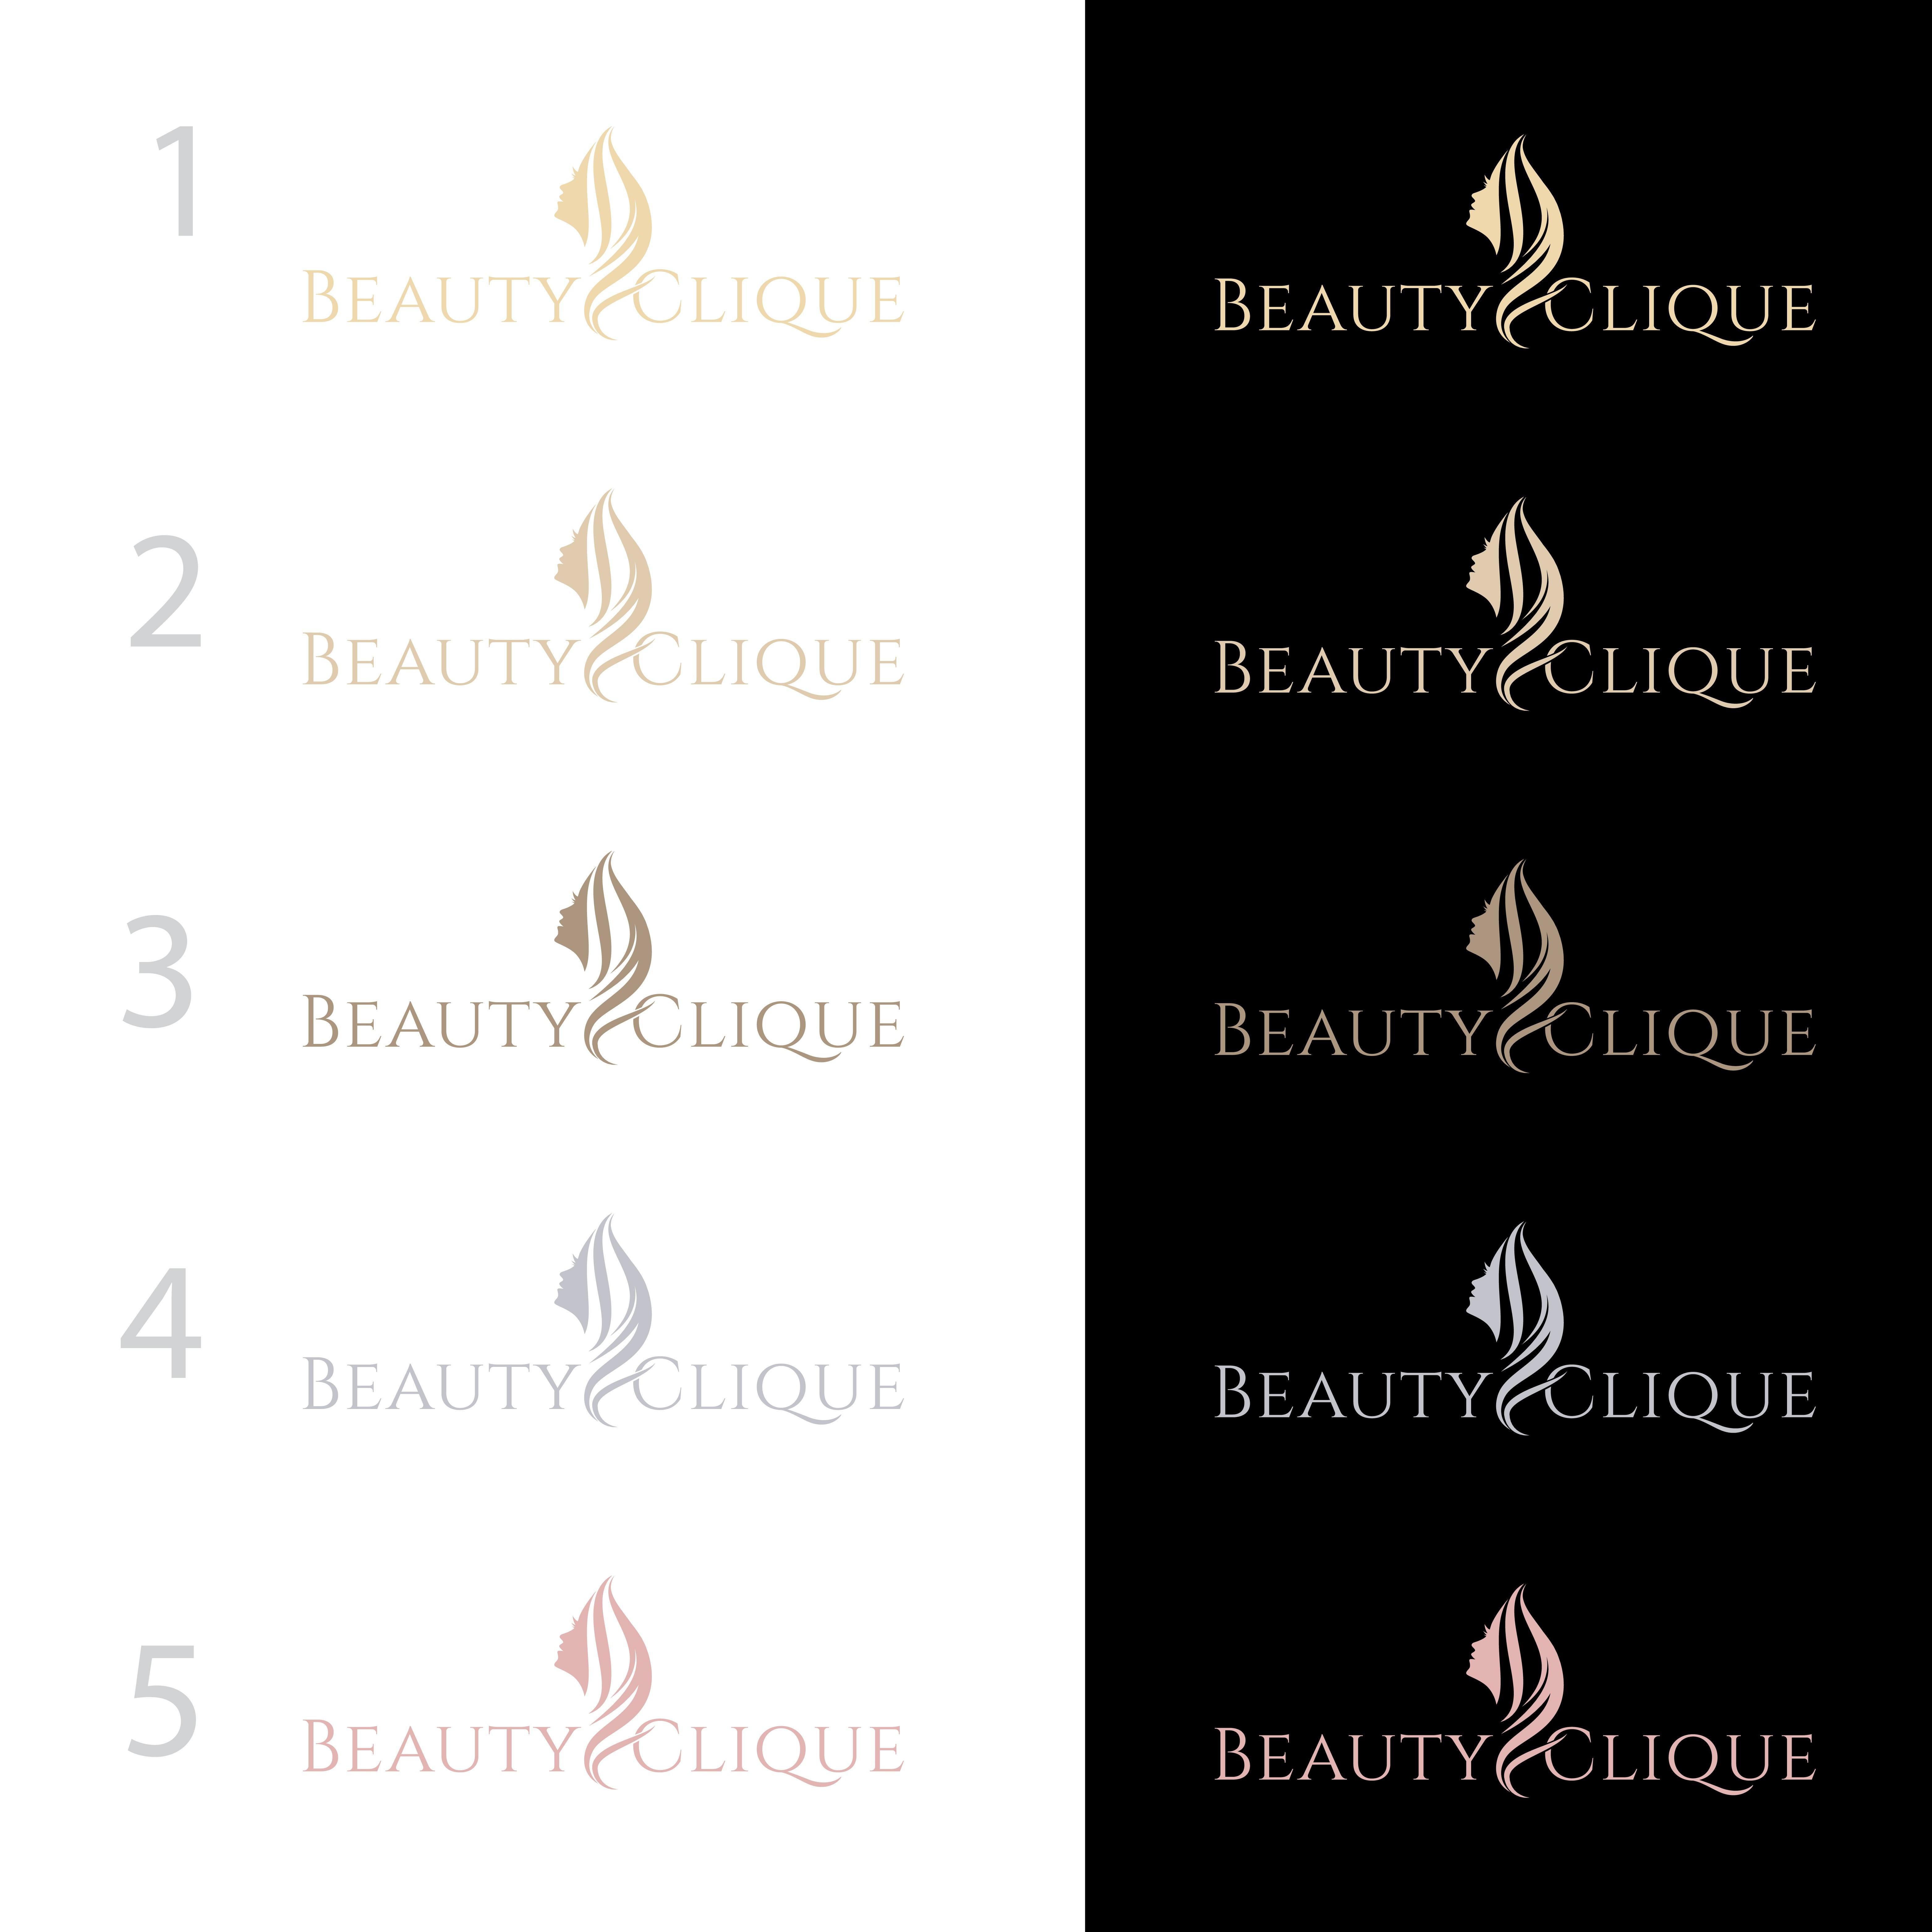 unique creative design for beauty salon